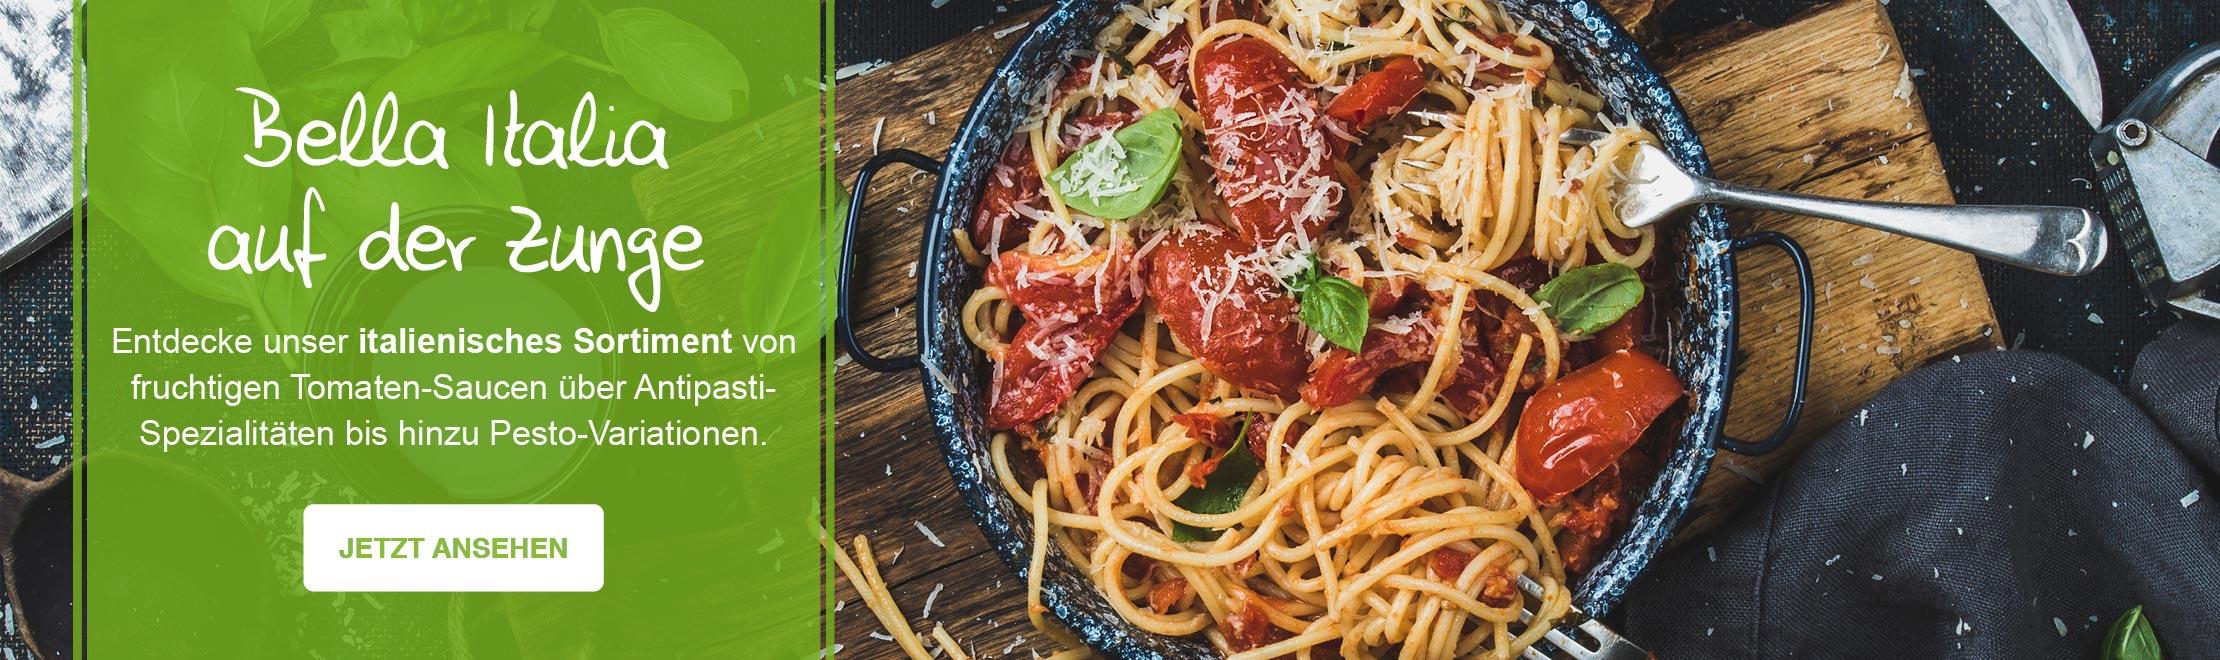 Banner Italienische Küche